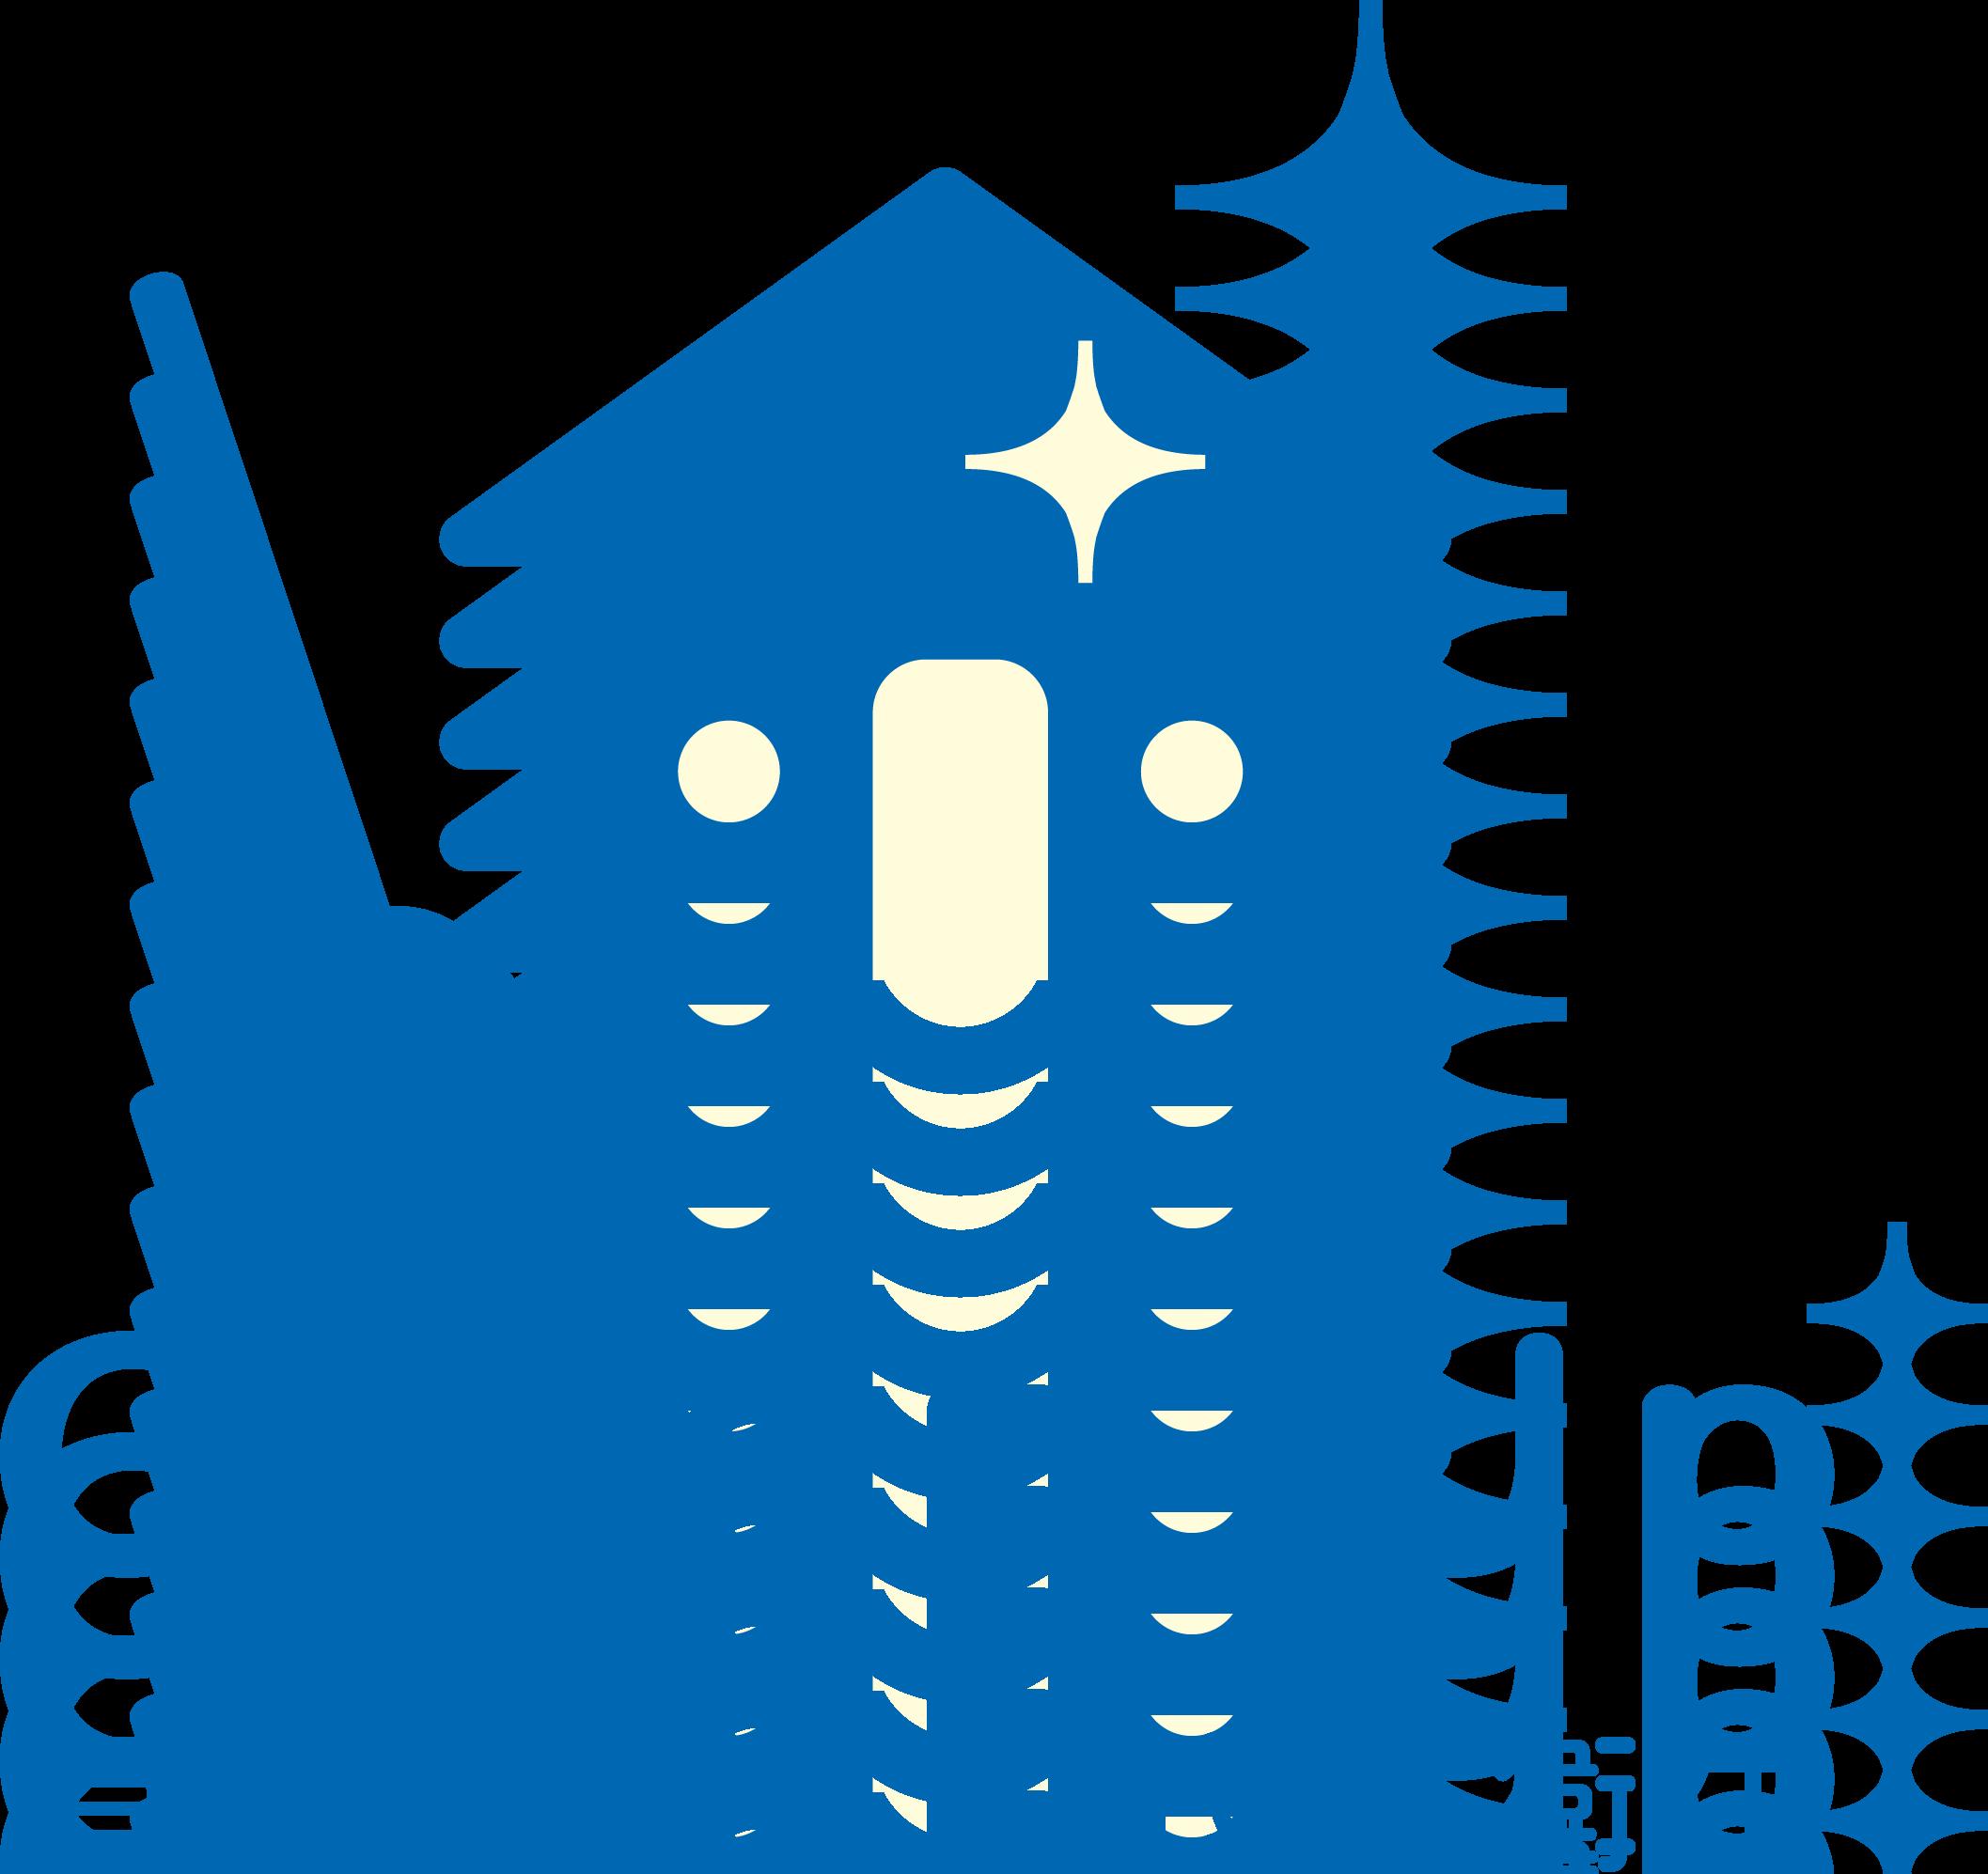 サービス業と親しみ/優しいと青のロゴ